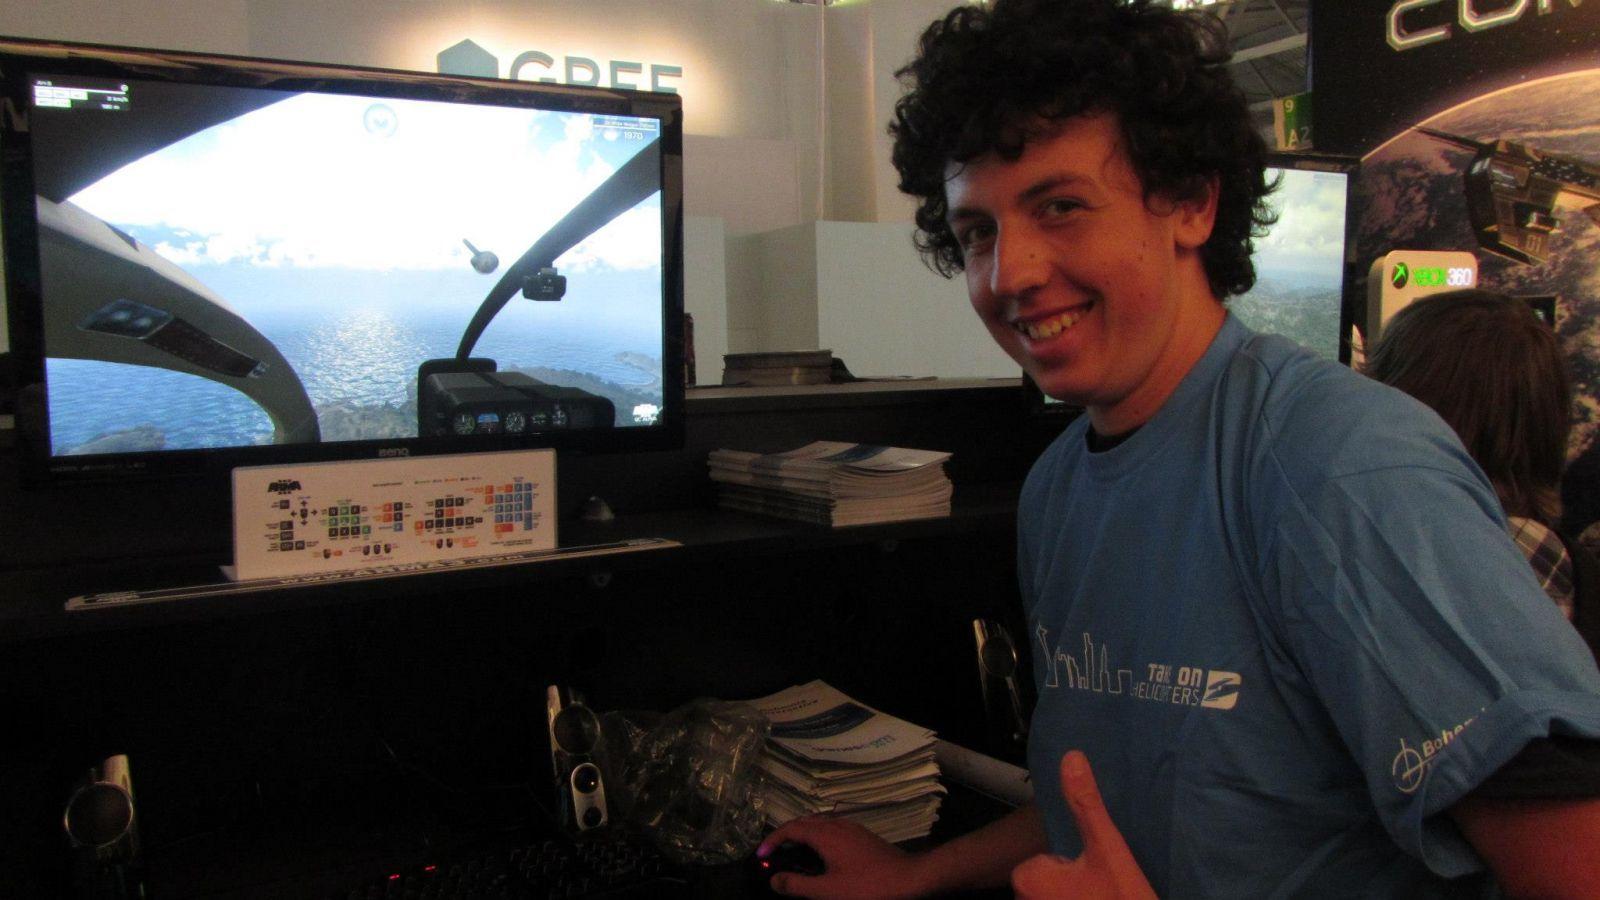 BI stend gamescom 2012 16